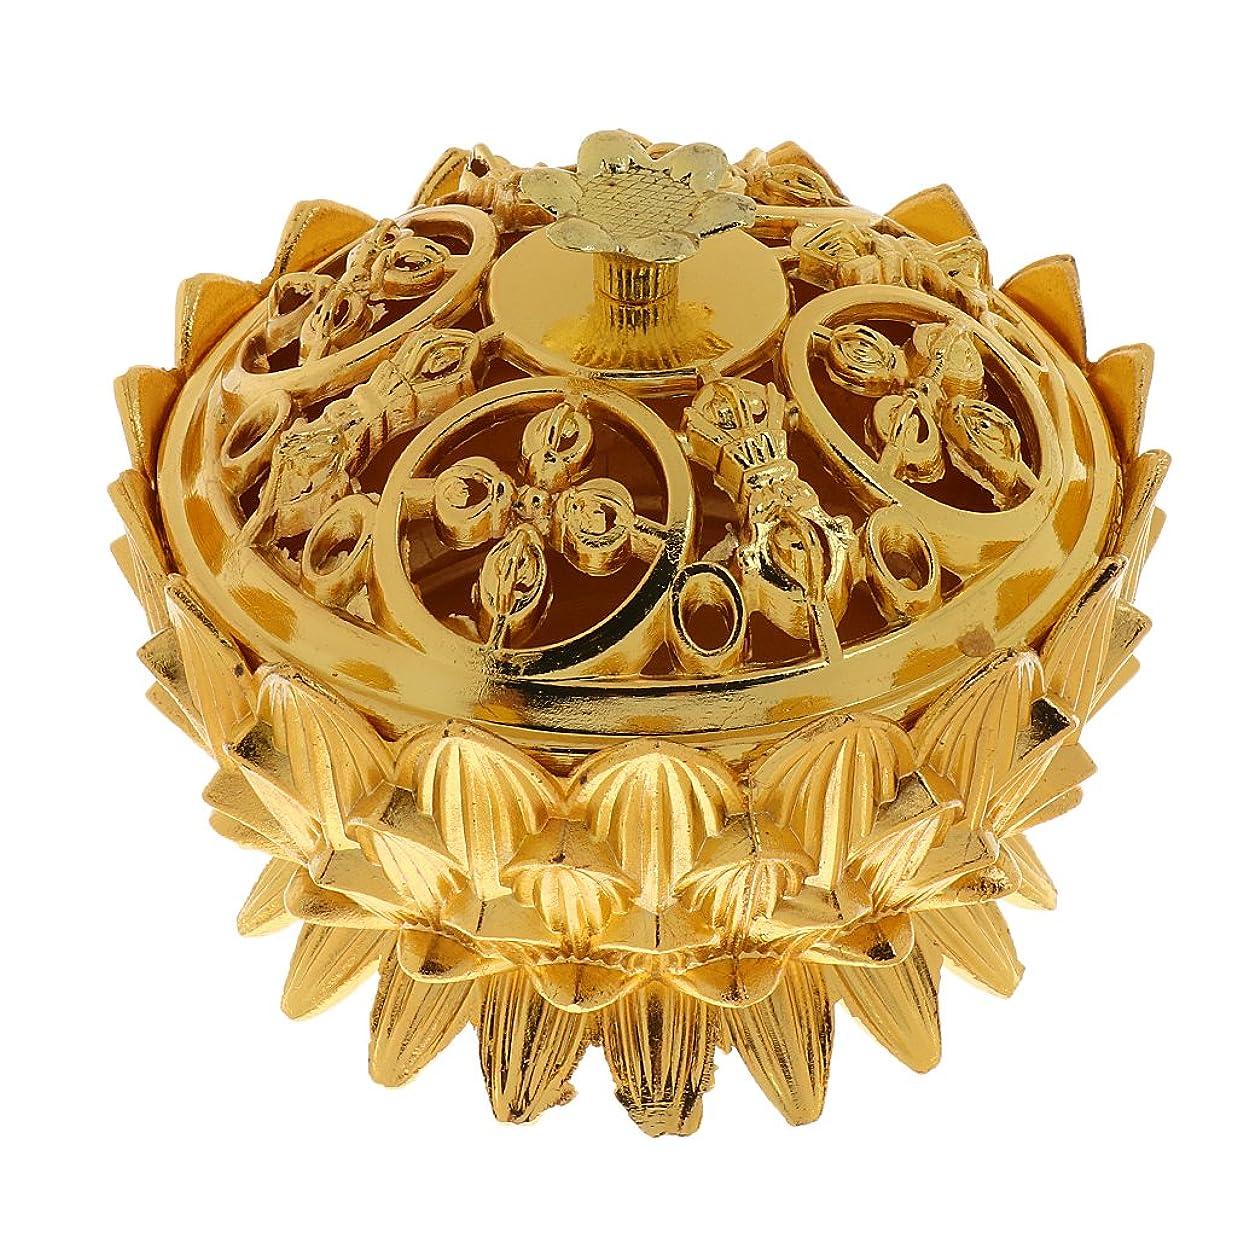 運賃失望させるセットするSONONIA 仏教 チベット 蓮 香りバーナー 香炉 金属 工芸品 家 装飾 全3選択 - #3